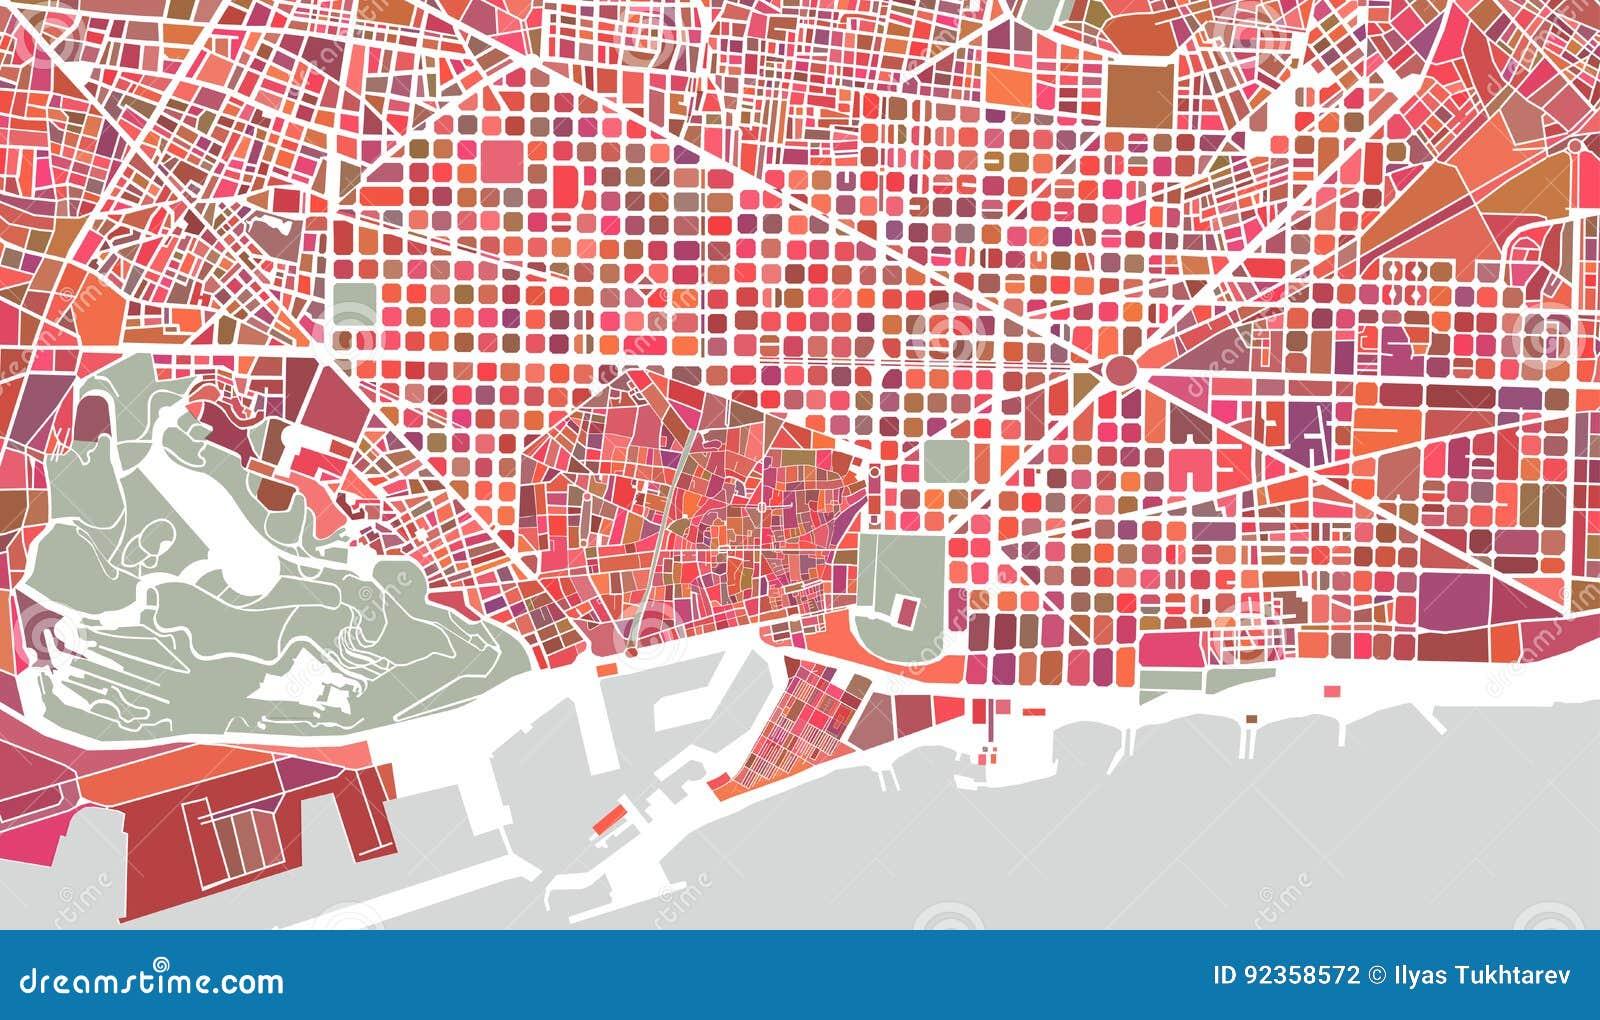 Spanien Katalonien Karte.Karte Der Stadt Von Barcelona Spanien Vektor Abbildung